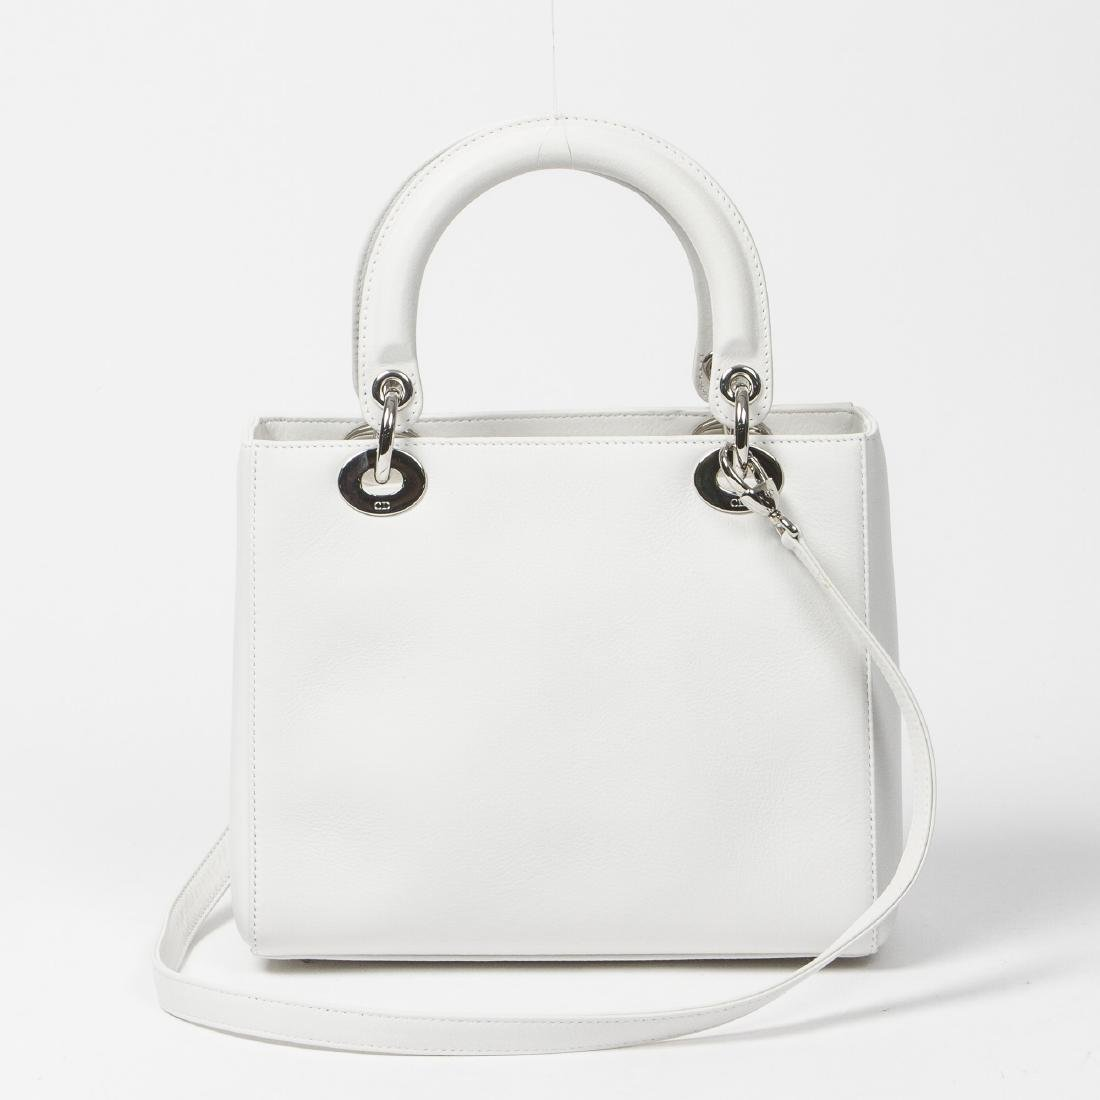 Dior Lady - 6